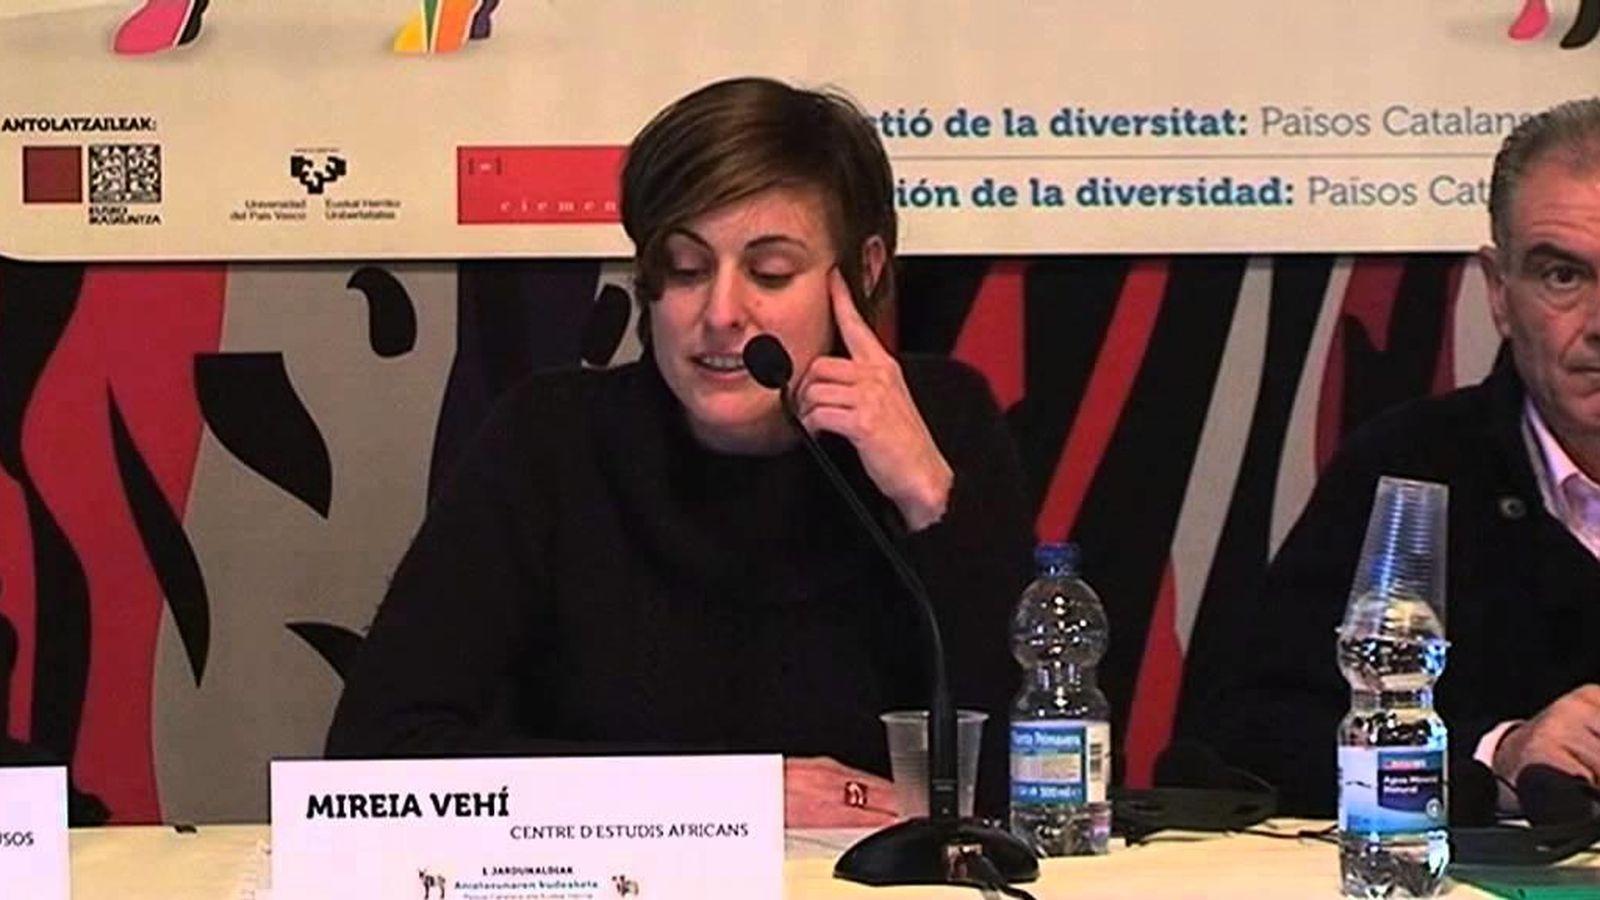 Foto: Mireia Vehi, número ocho en la candidatura de la CUO.